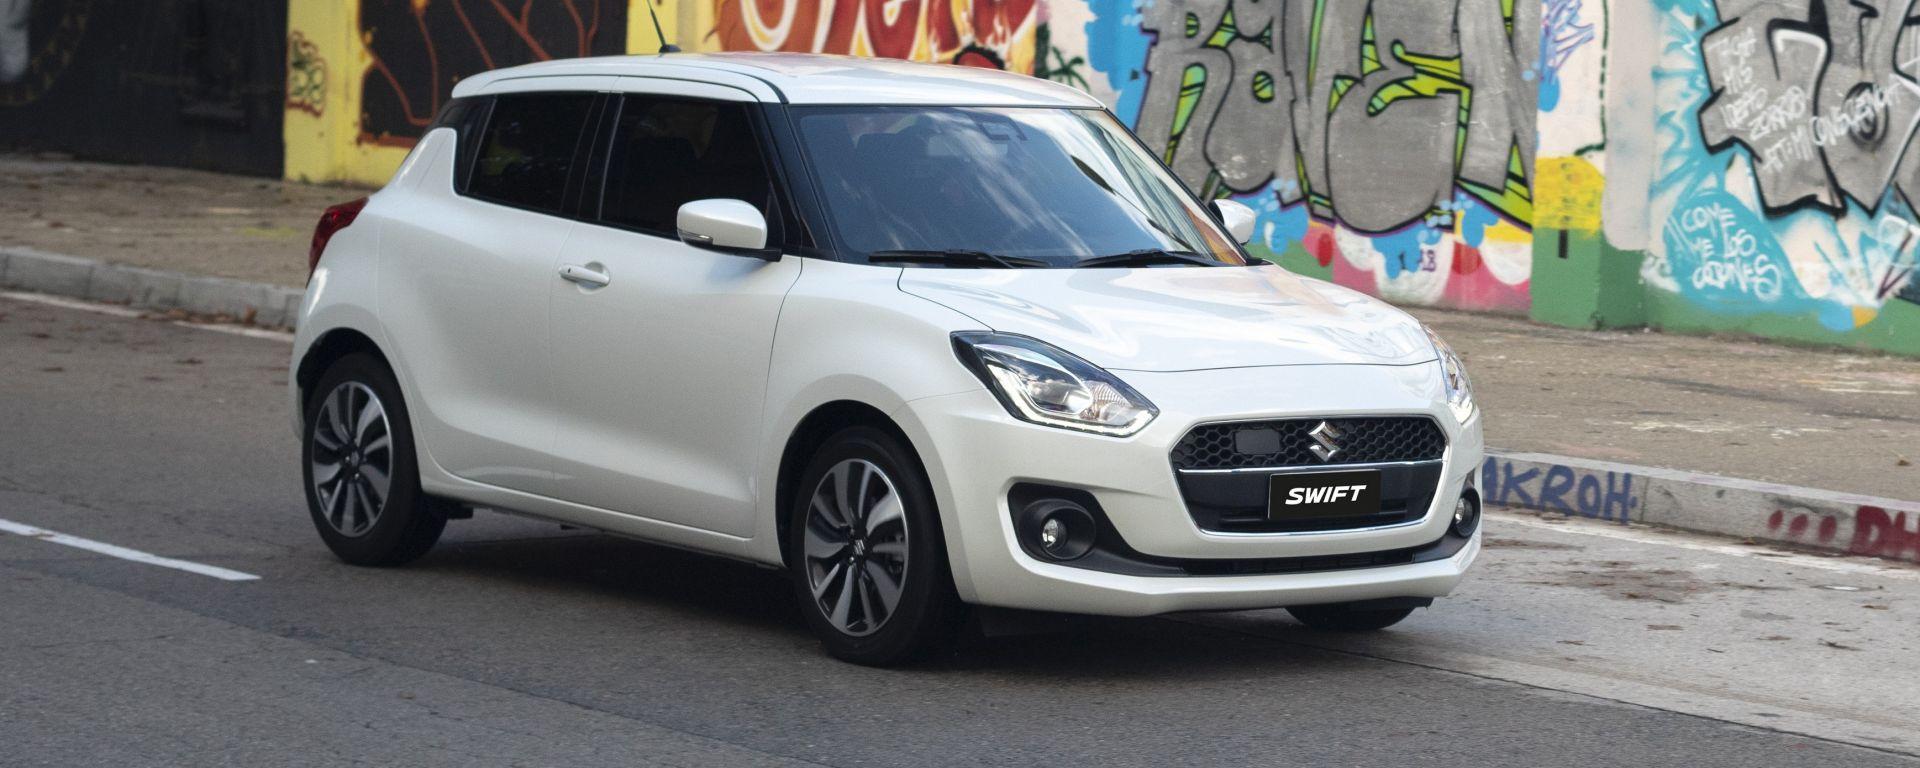 Suzuki Swift Hybrid 1.0 Boosterjet: la prova dell'economy-run